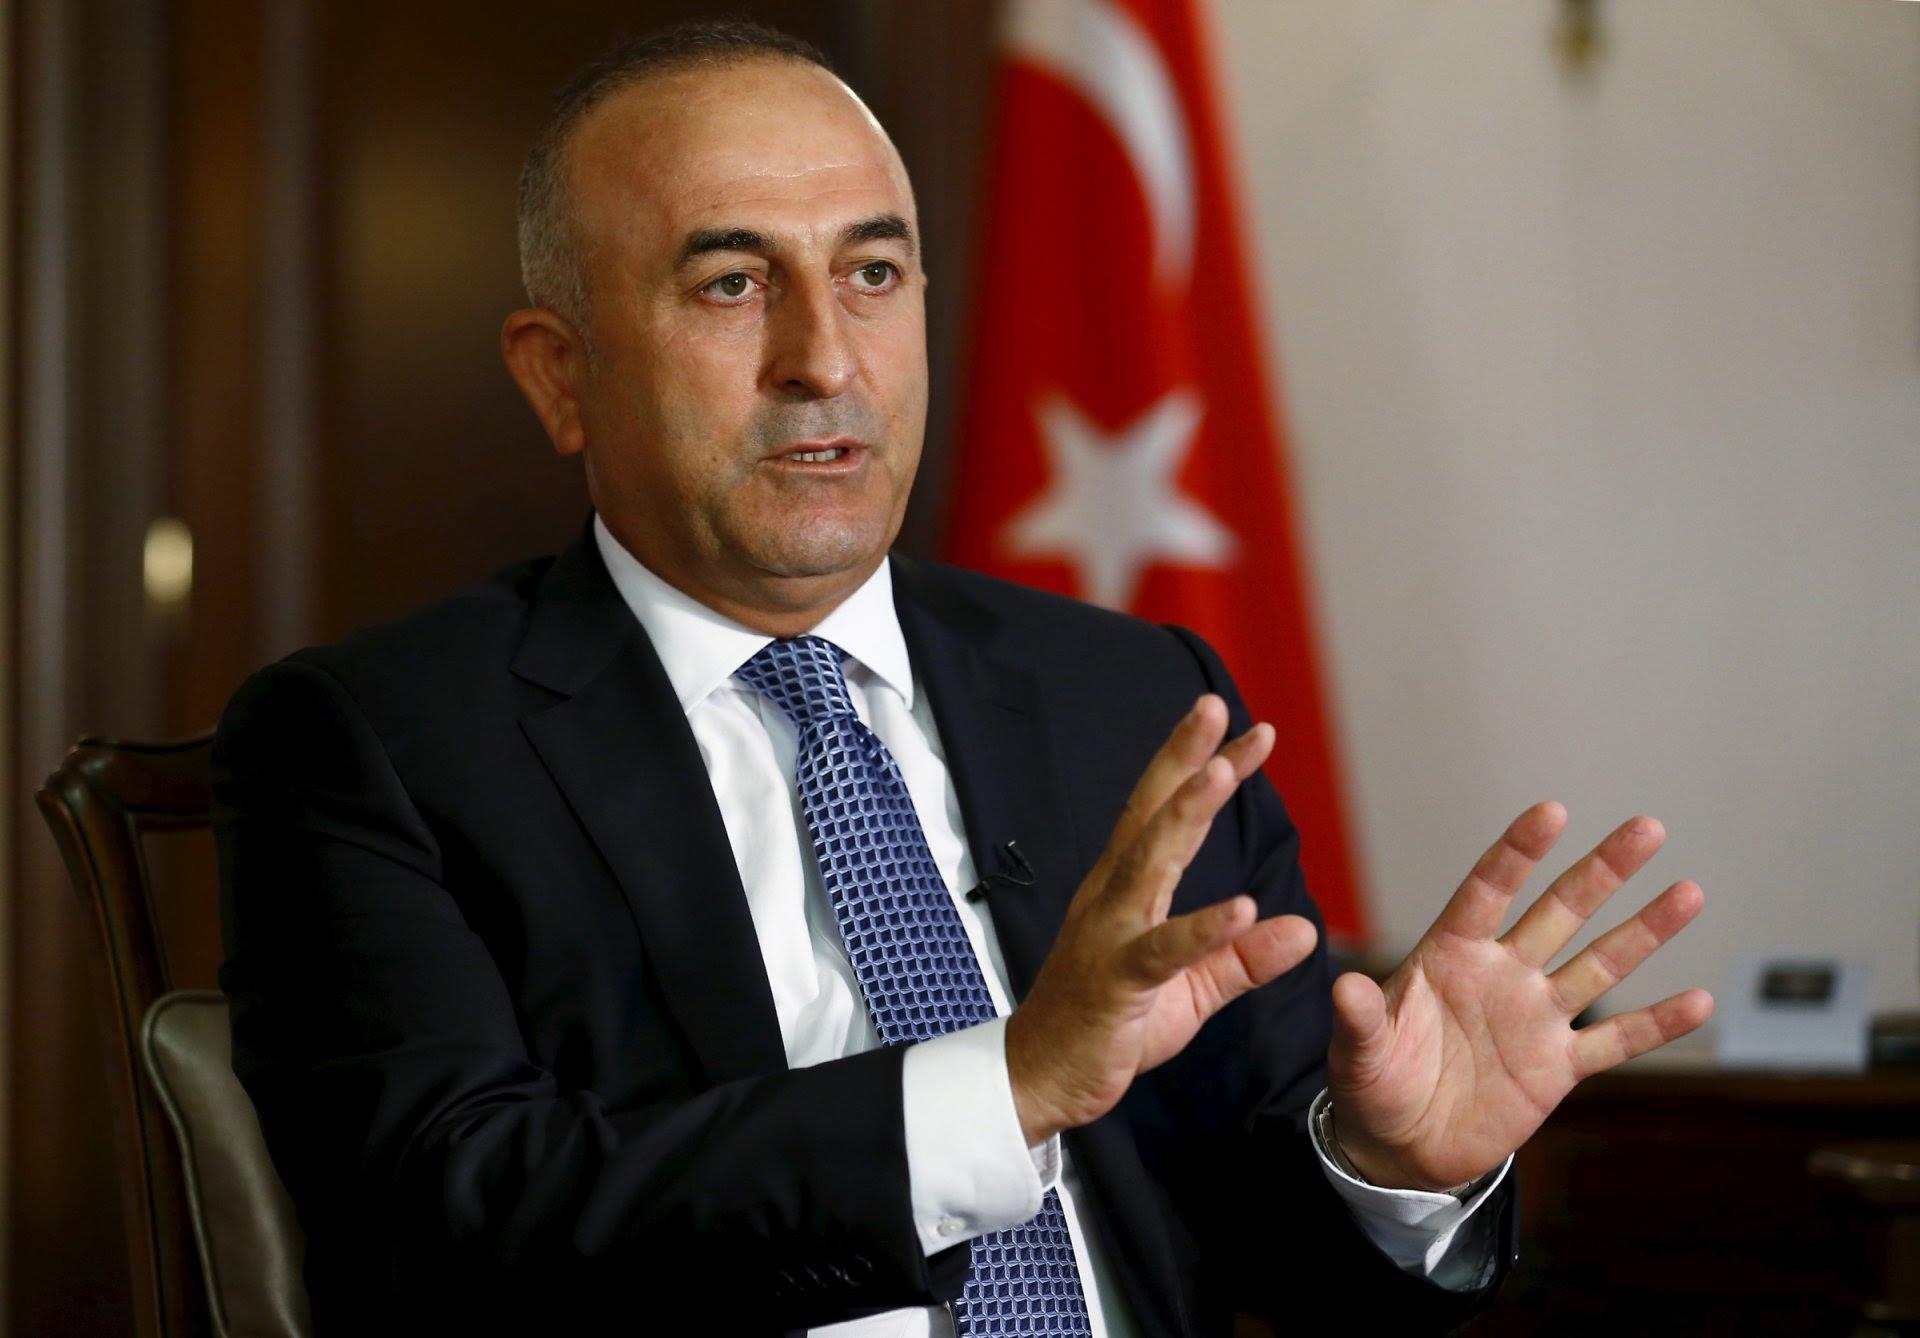 Oι κυρώσεις στο Ιράν «περνούν» από την Τουρκία